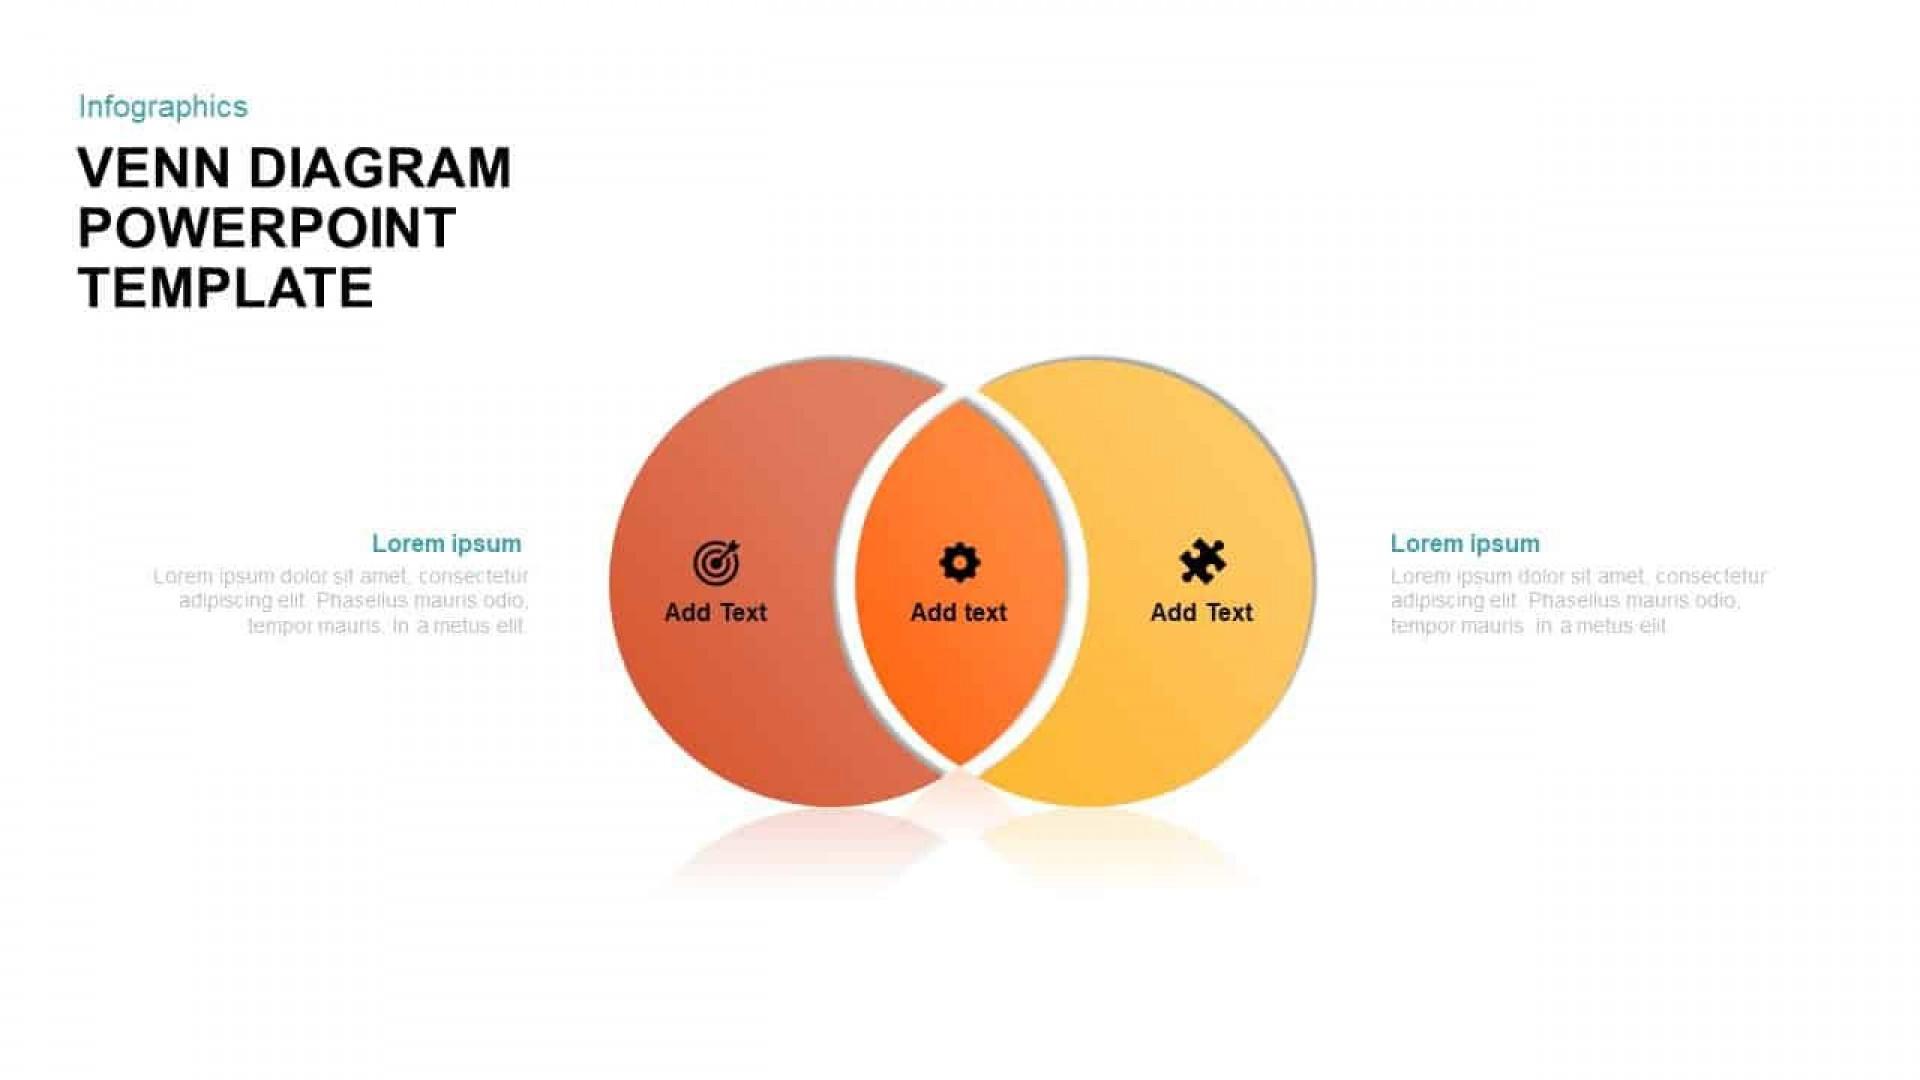 Venn Diagram Template Powerpoint Addictionary